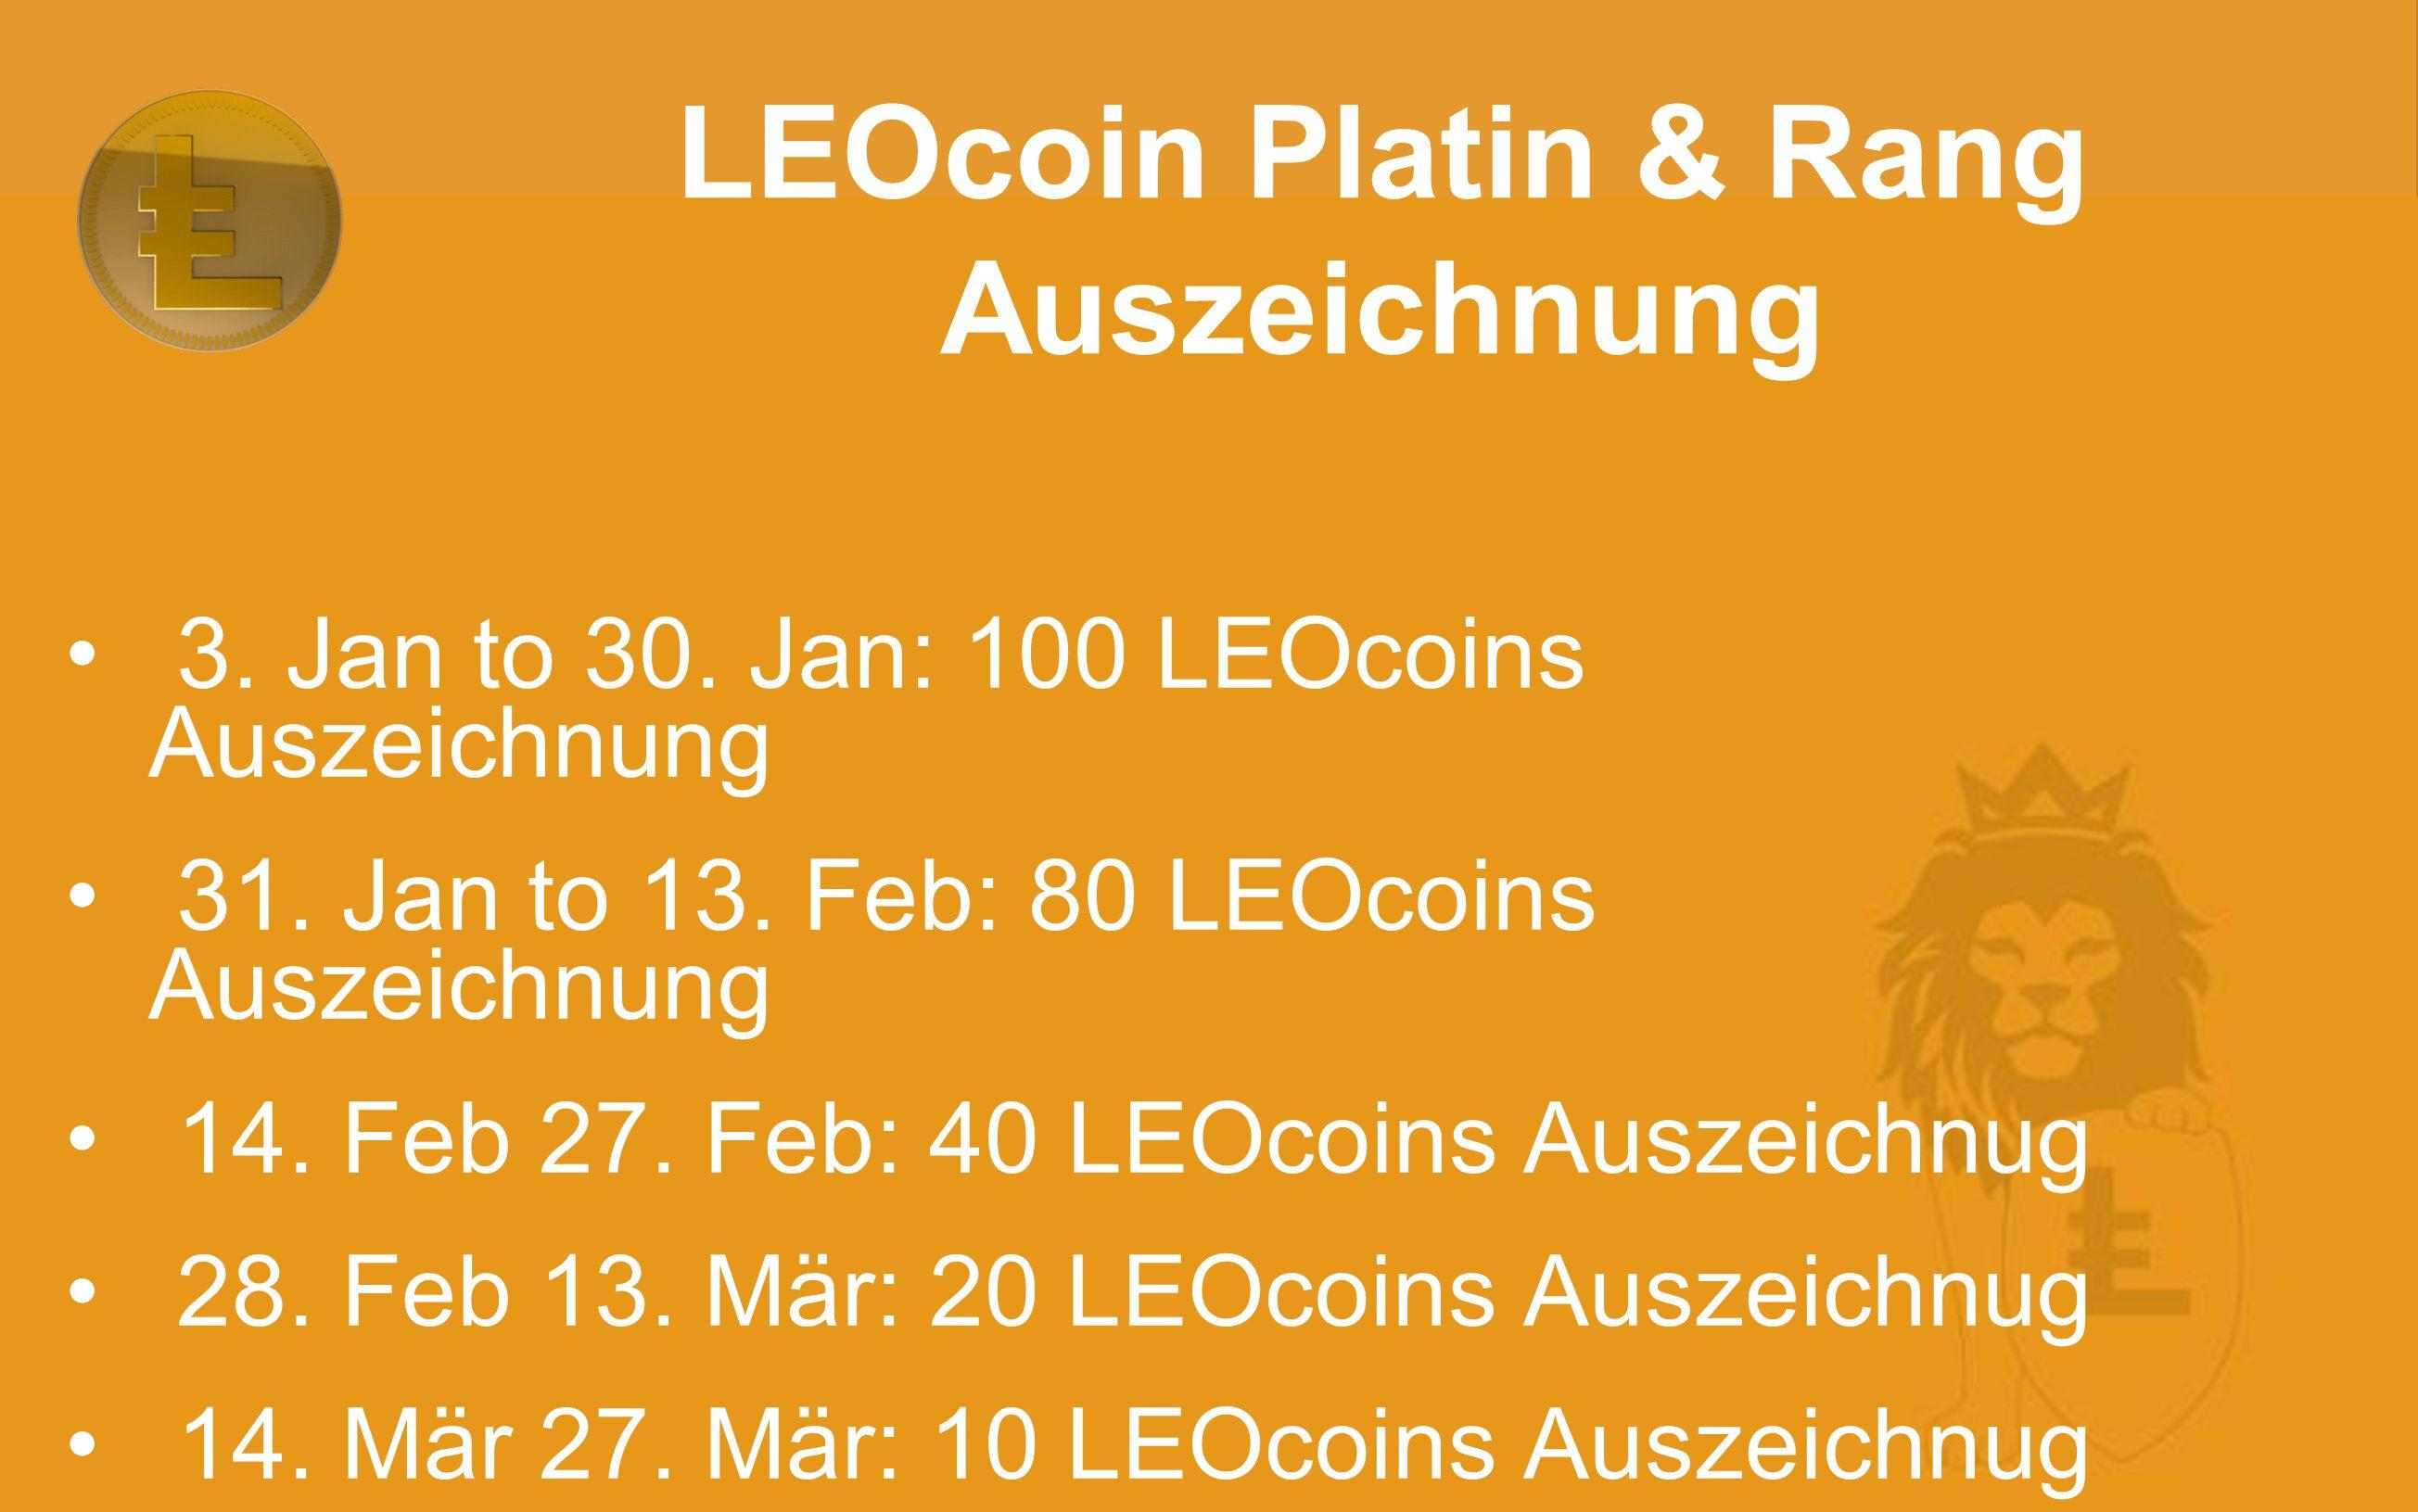 3. Jan to 30. Jan: 100 LEOcoins Auszeichnung 31. Jan to 13. Feb: 80 LEOcoins Auszeichnung 14. Feb 27. Feb: 40 LEOcoins Auszeichnug 28. Feb 13. Mär: 20